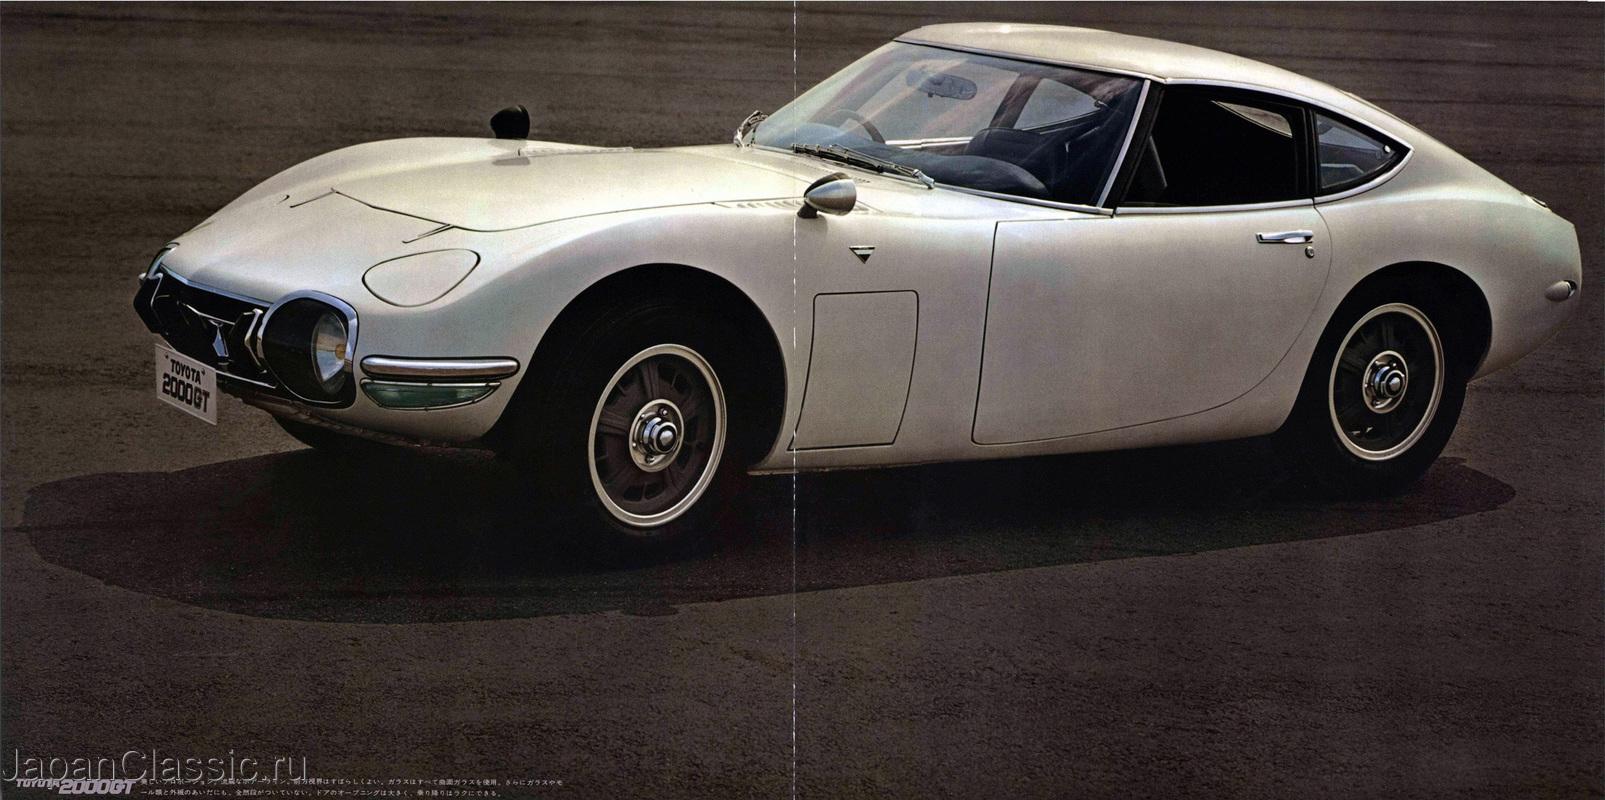 Toyota 2000gt 1967 I Japanclassic